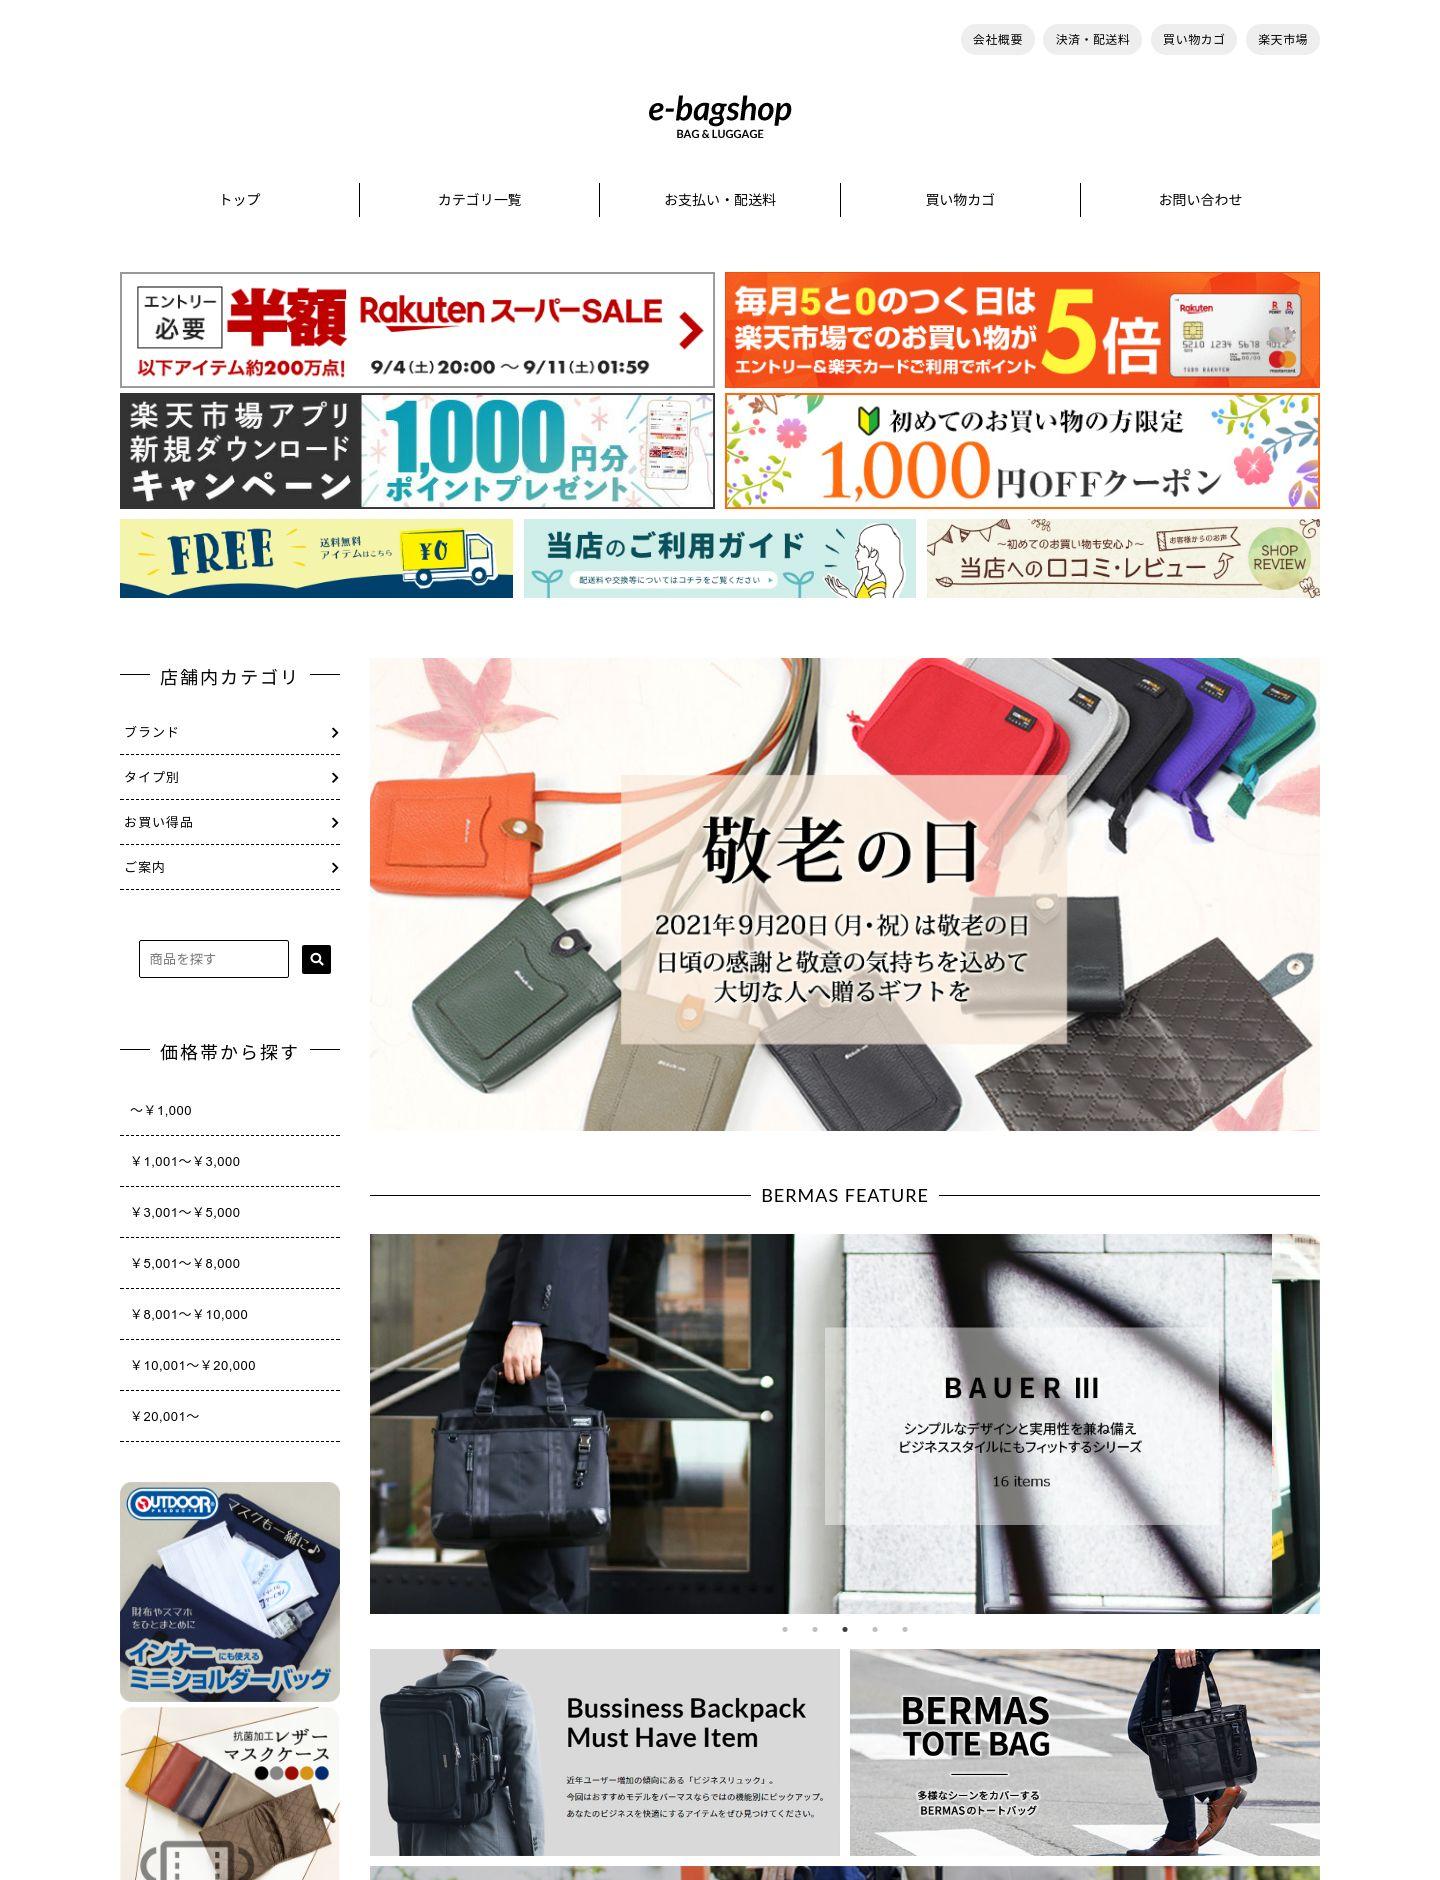 e-Bagshop様 サイト画像